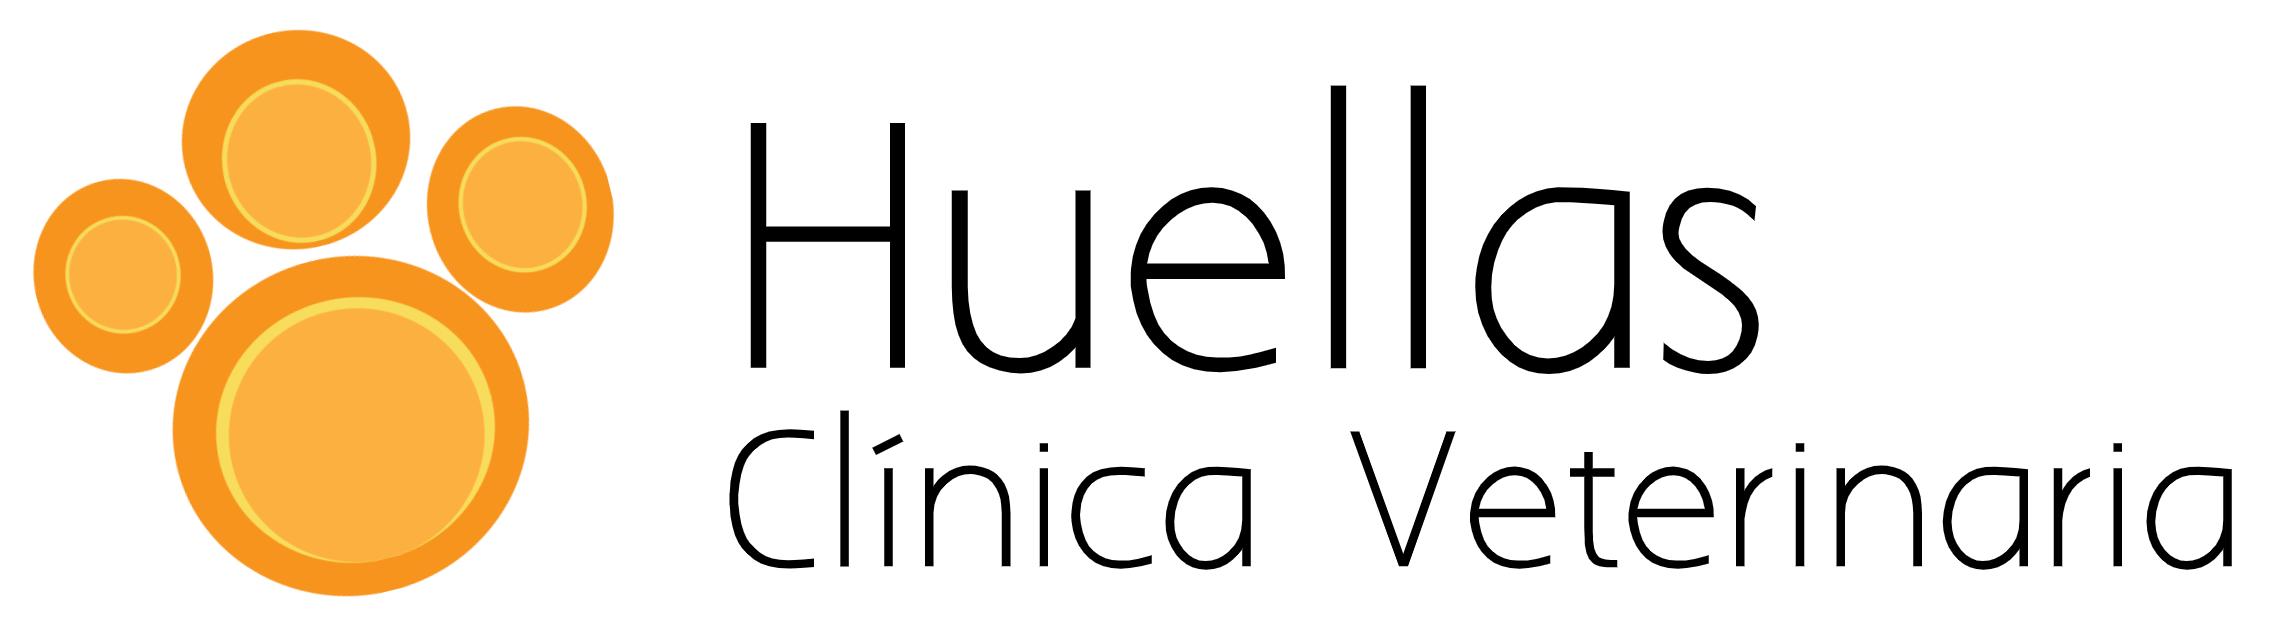 HUELLAS CLÍNICA VETERINARIA